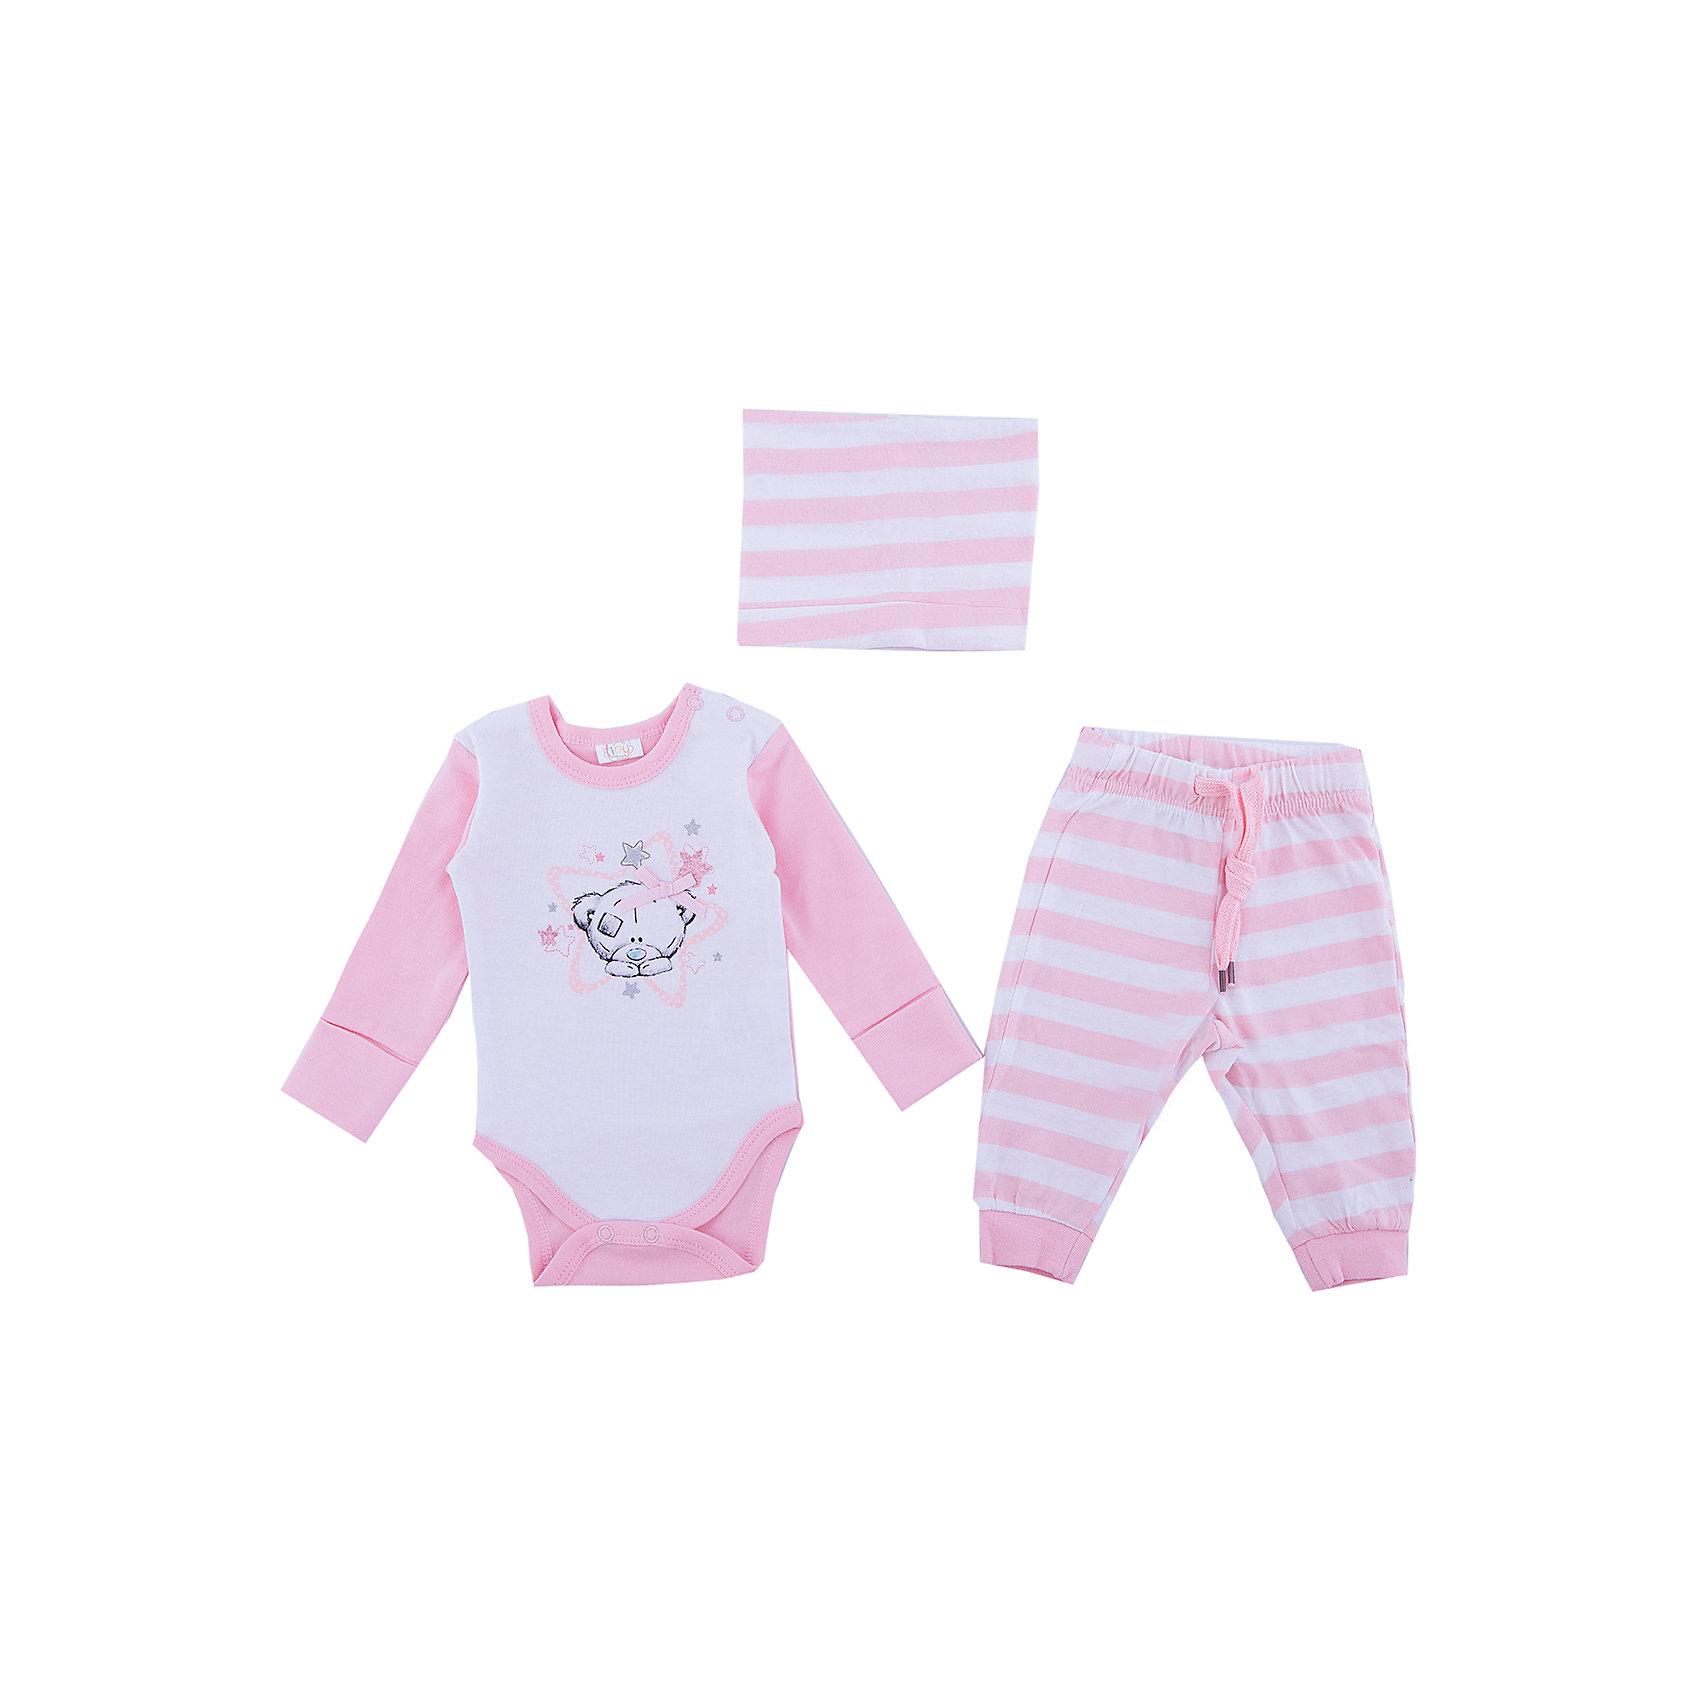 Комплект: боди, брюки, шапочка PlayToday для девочкиКомплекты<br>Комплект: боди, брюки, шапочка PlayToday для девочки<br>Комплект из боди, брюк и шапочки - отличное дополнение к повседневному гардеробу ребенка. Боди с длинным рукавом, горловина модели дополнена застежками - кнопками, манжеты на мягких трикотажных резинках. Для быстрой смены подгузника, паховая часть также на кнопках. Брюки на широкой резинке, не сдавливающей живот ребенка, с регулируемым шнуром - кулиской. Брюки и шапочка выполнены в технике yarn dyed - в процессе производства используются разного цвета нити. При рекомендуемом уходе модель не линяет и надолго остается в первоначальном виде. Низ брючин - на мягких трикотажных резинках. Шапочка хорошо облегает голову и комфортна при носке.<br>Состав:<br>100% хлопок<br><br>Ширина мм: 157<br>Глубина мм: 13<br>Высота мм: 119<br>Вес г: 200<br>Цвет: белый<br>Возраст от месяцев: 3<br>Возраст до месяцев: 6<br>Пол: Женский<br>Возраст: Детский<br>Размер: 68,74,56,62<br>SKU: 7107831